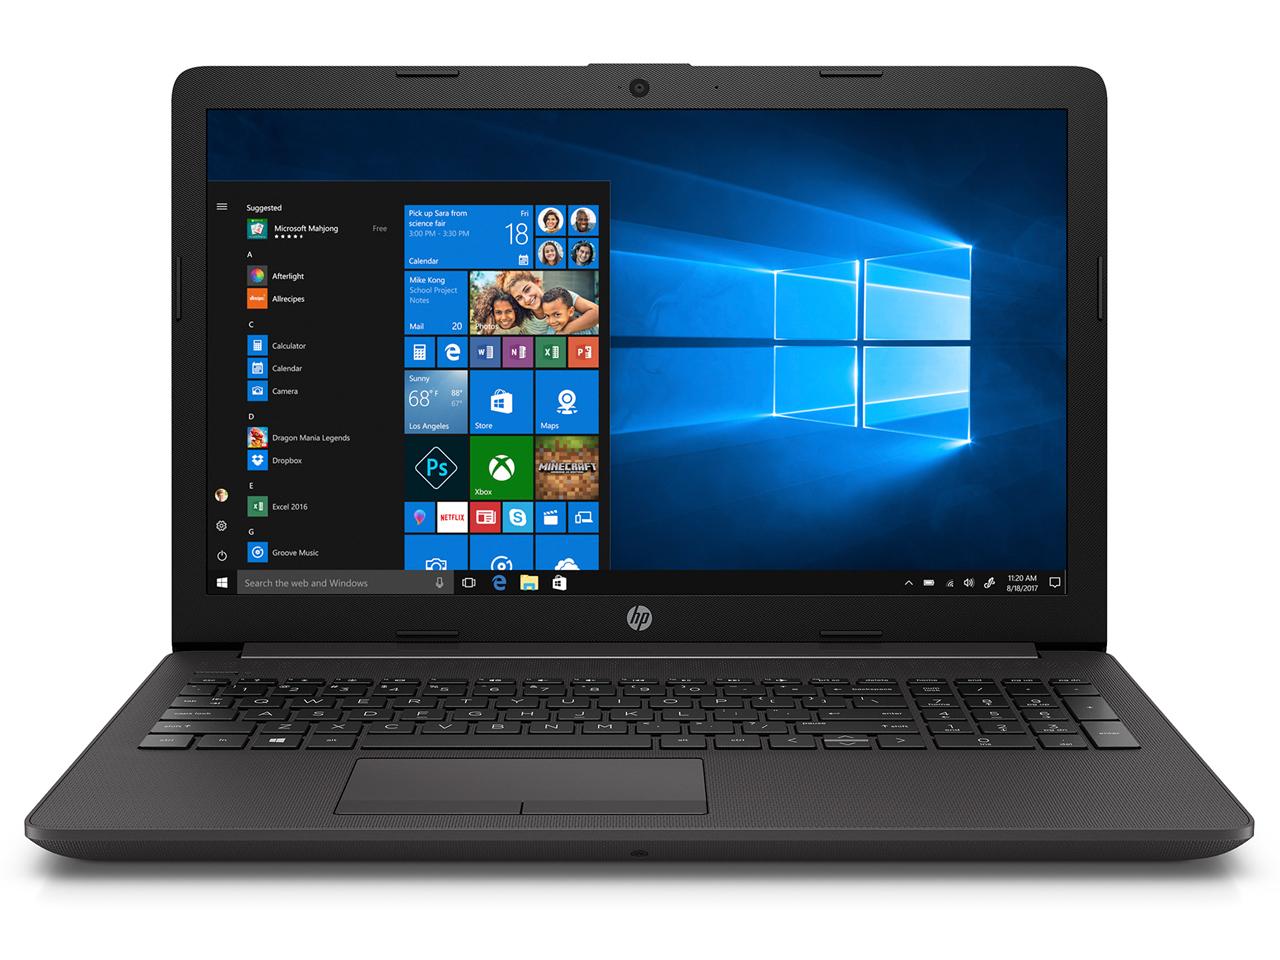 ★HP 250 G7 5KX40AV-AJIL (15.6インチ / Corei3-7020U / Windows 10 Home / 8GB / SSD 256GB)